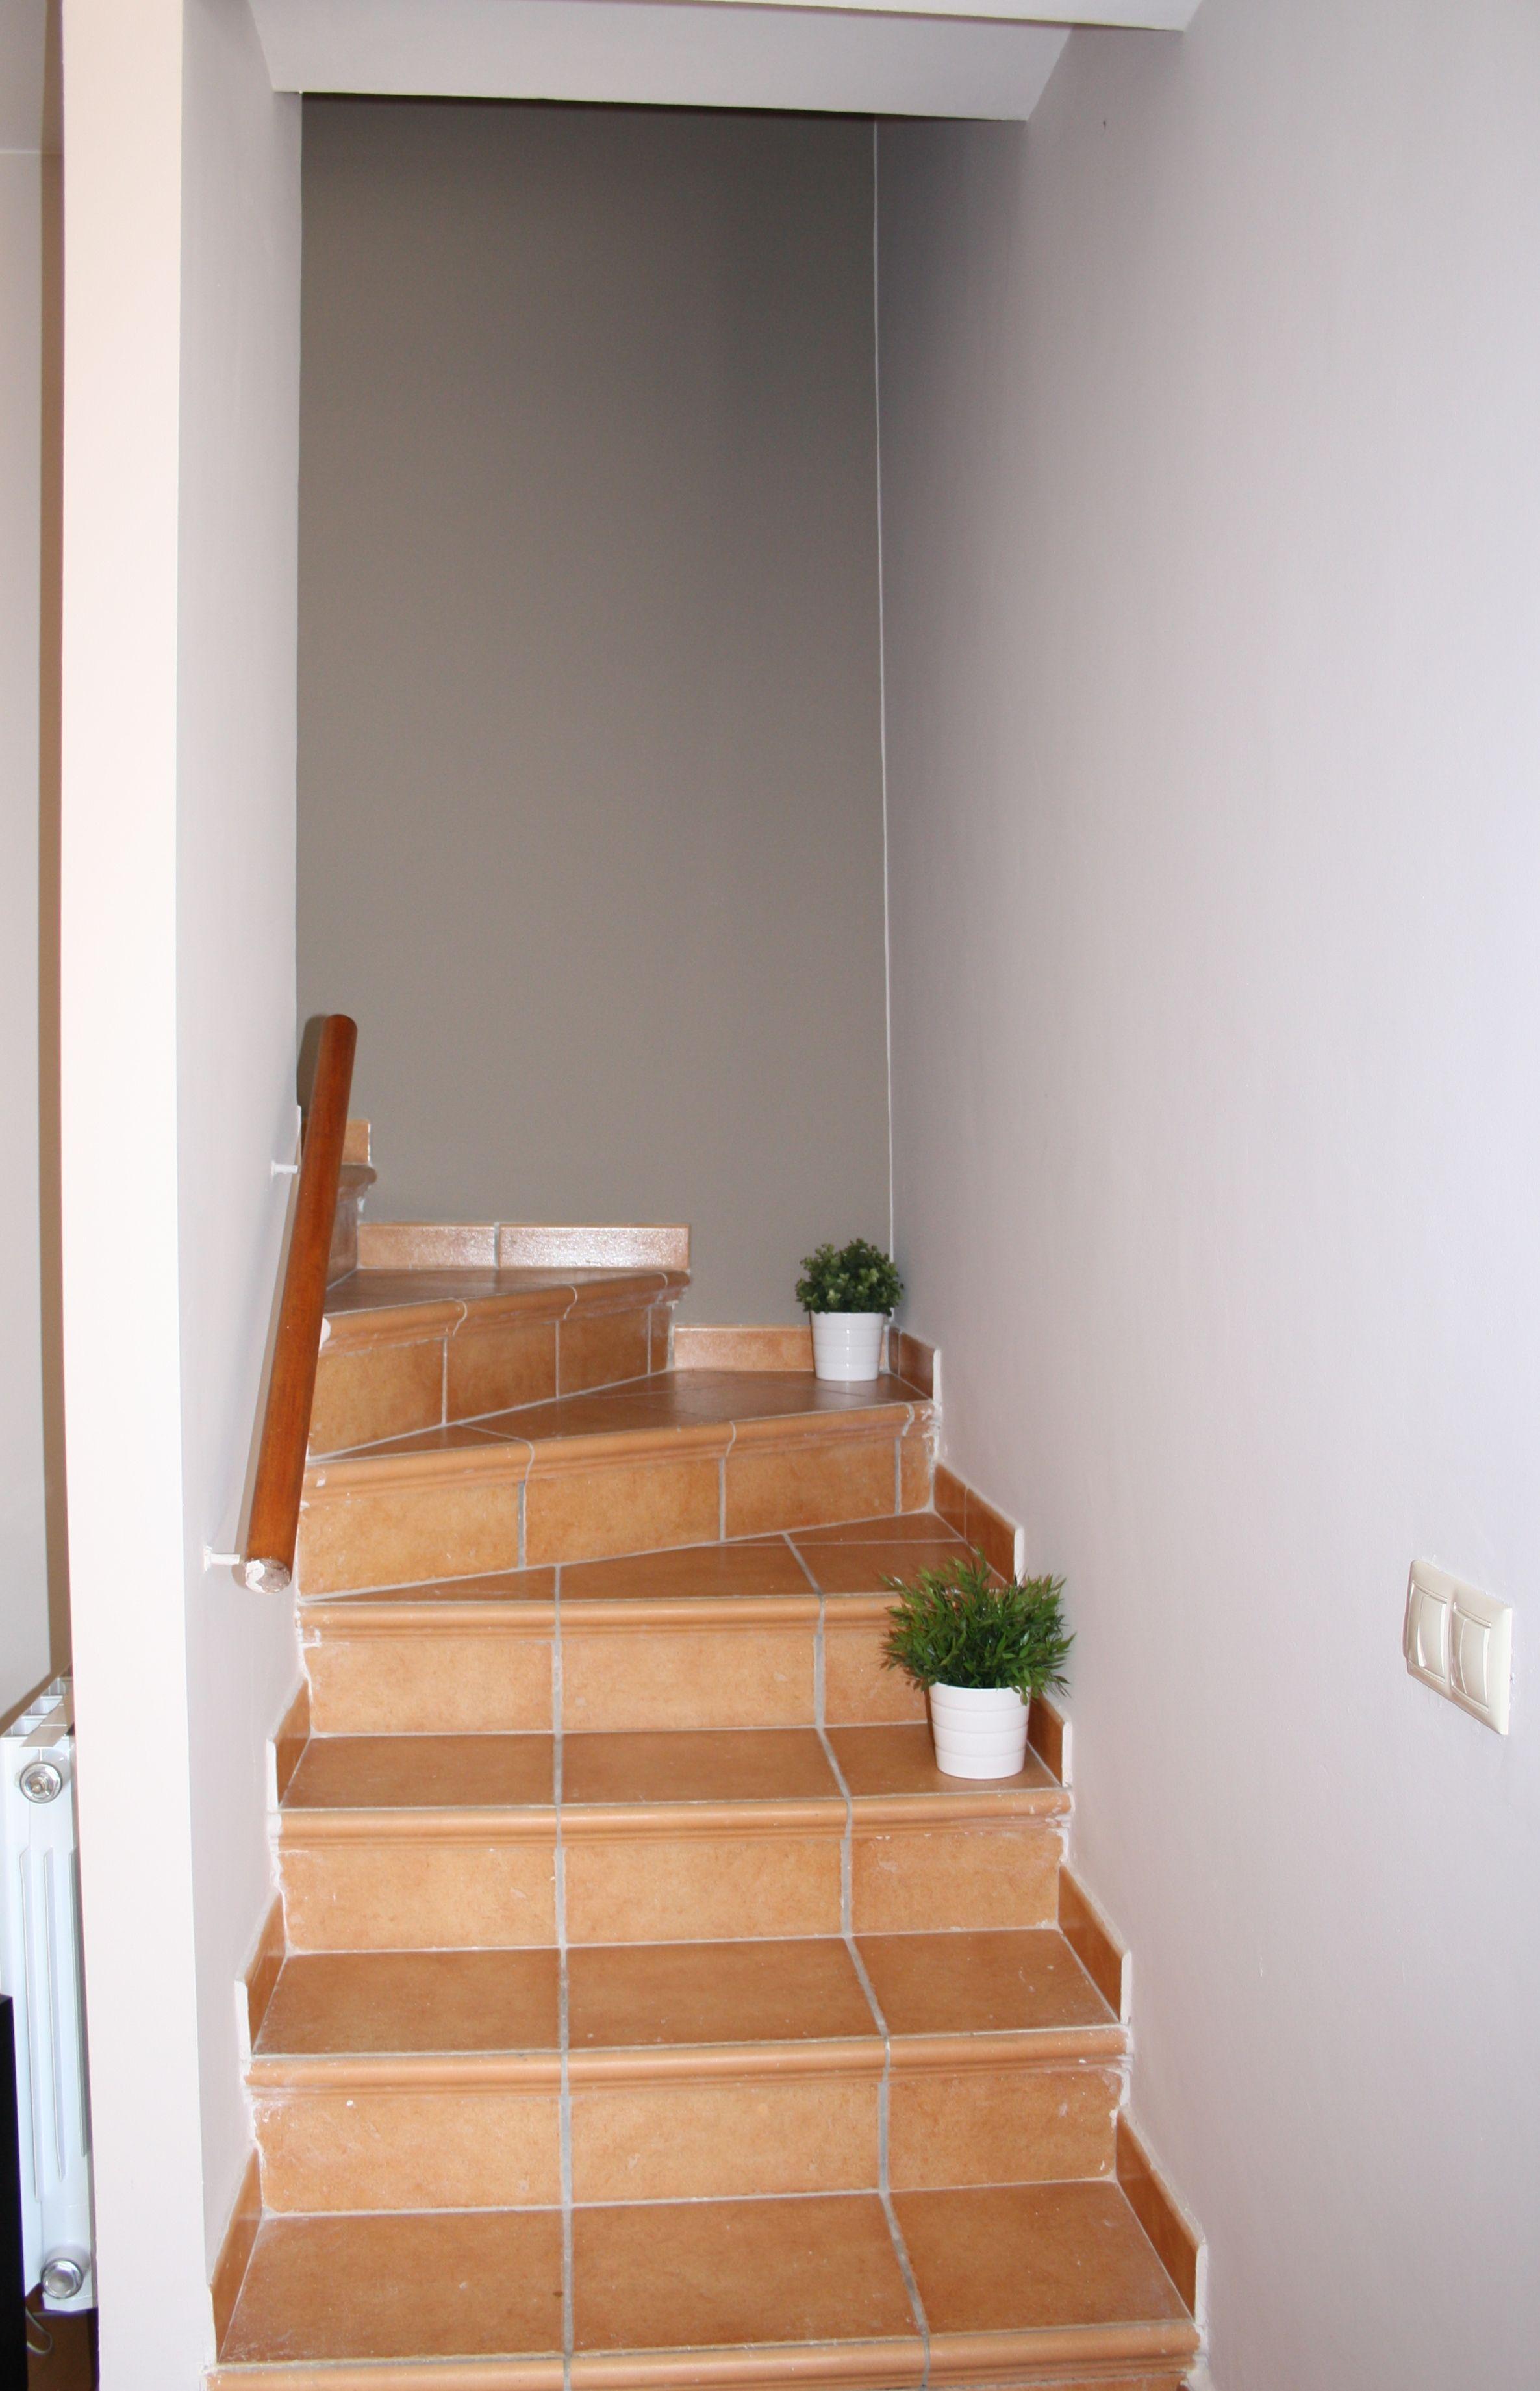 Escaleras con ceramica r stica ideas para escaleras cer micas pinterest escalera r stico - Ceramica rustica para suelos ...